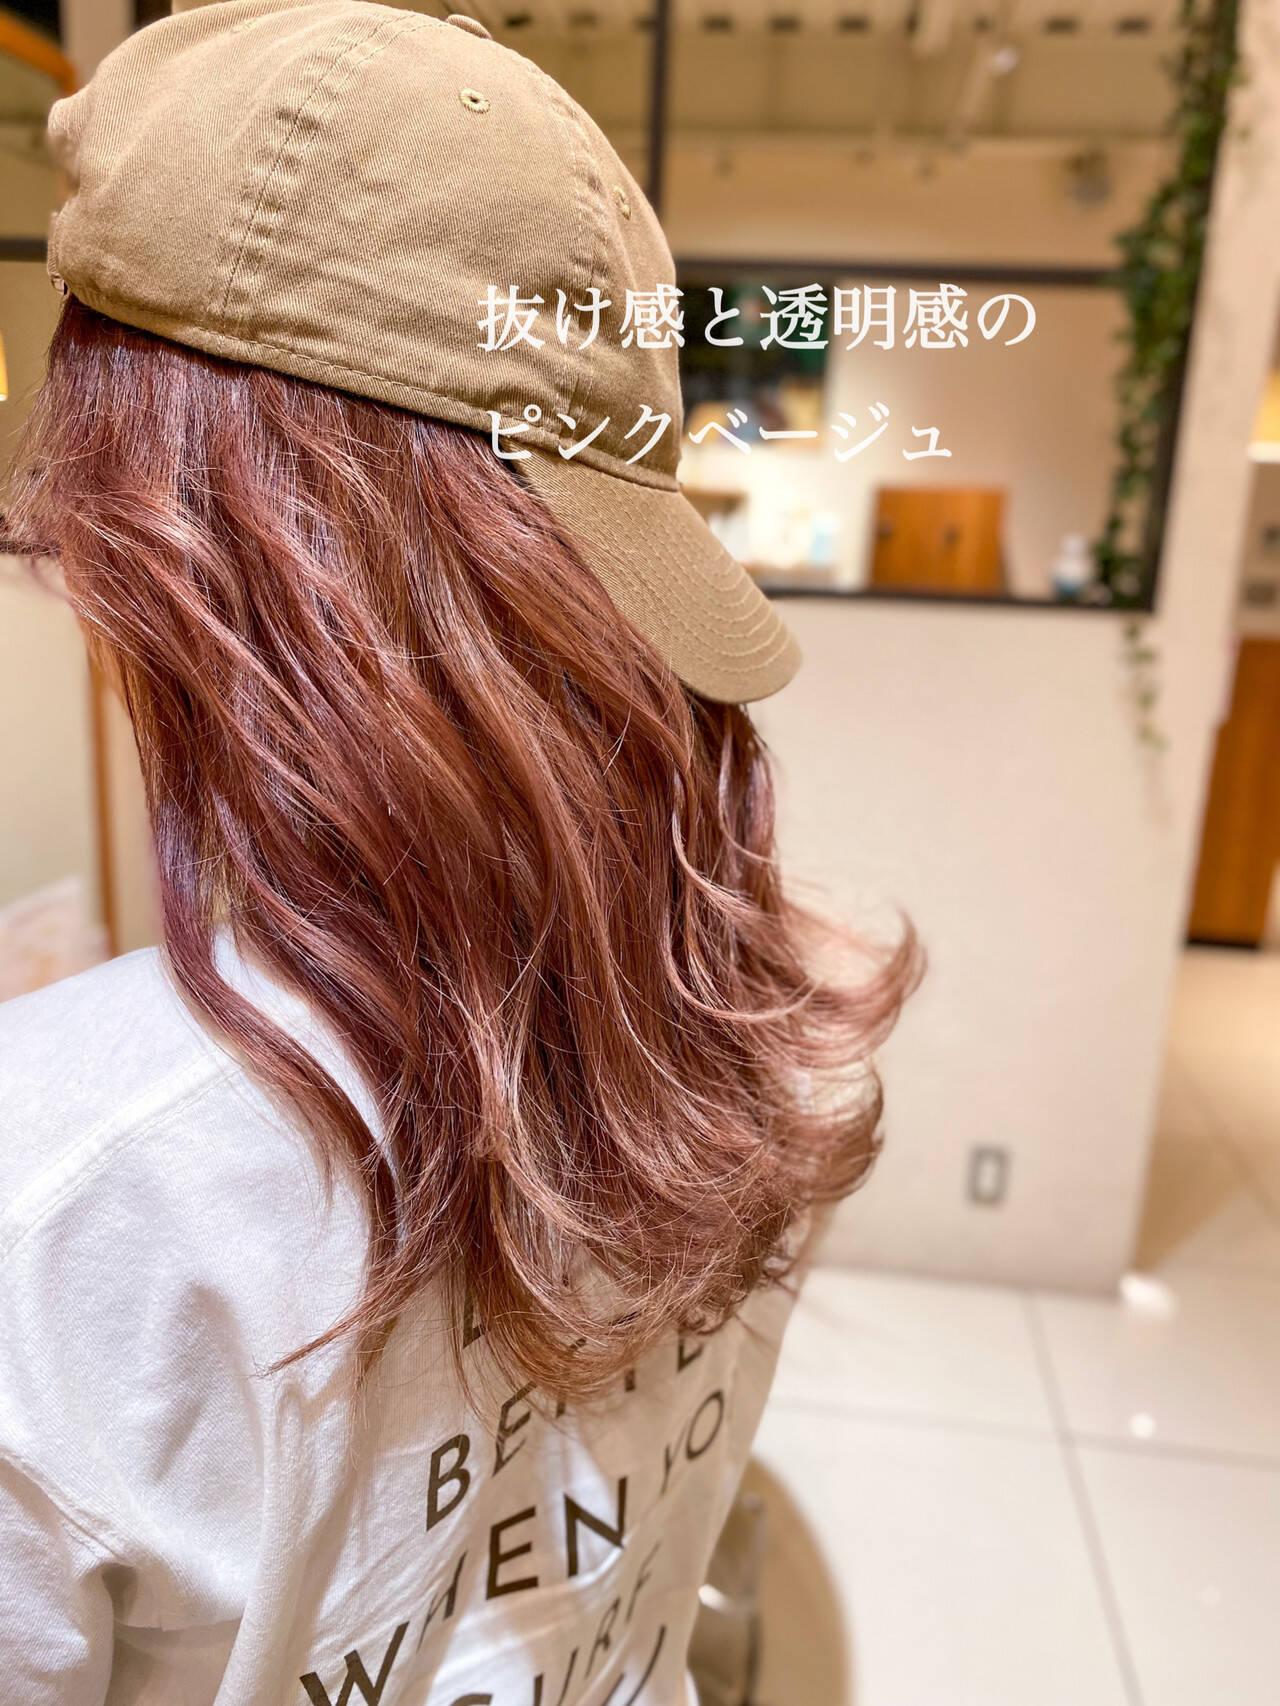 ハイトーンカラー セミロング イルミナカラー 透明感カラーヘアスタイルや髪型の写真・画像